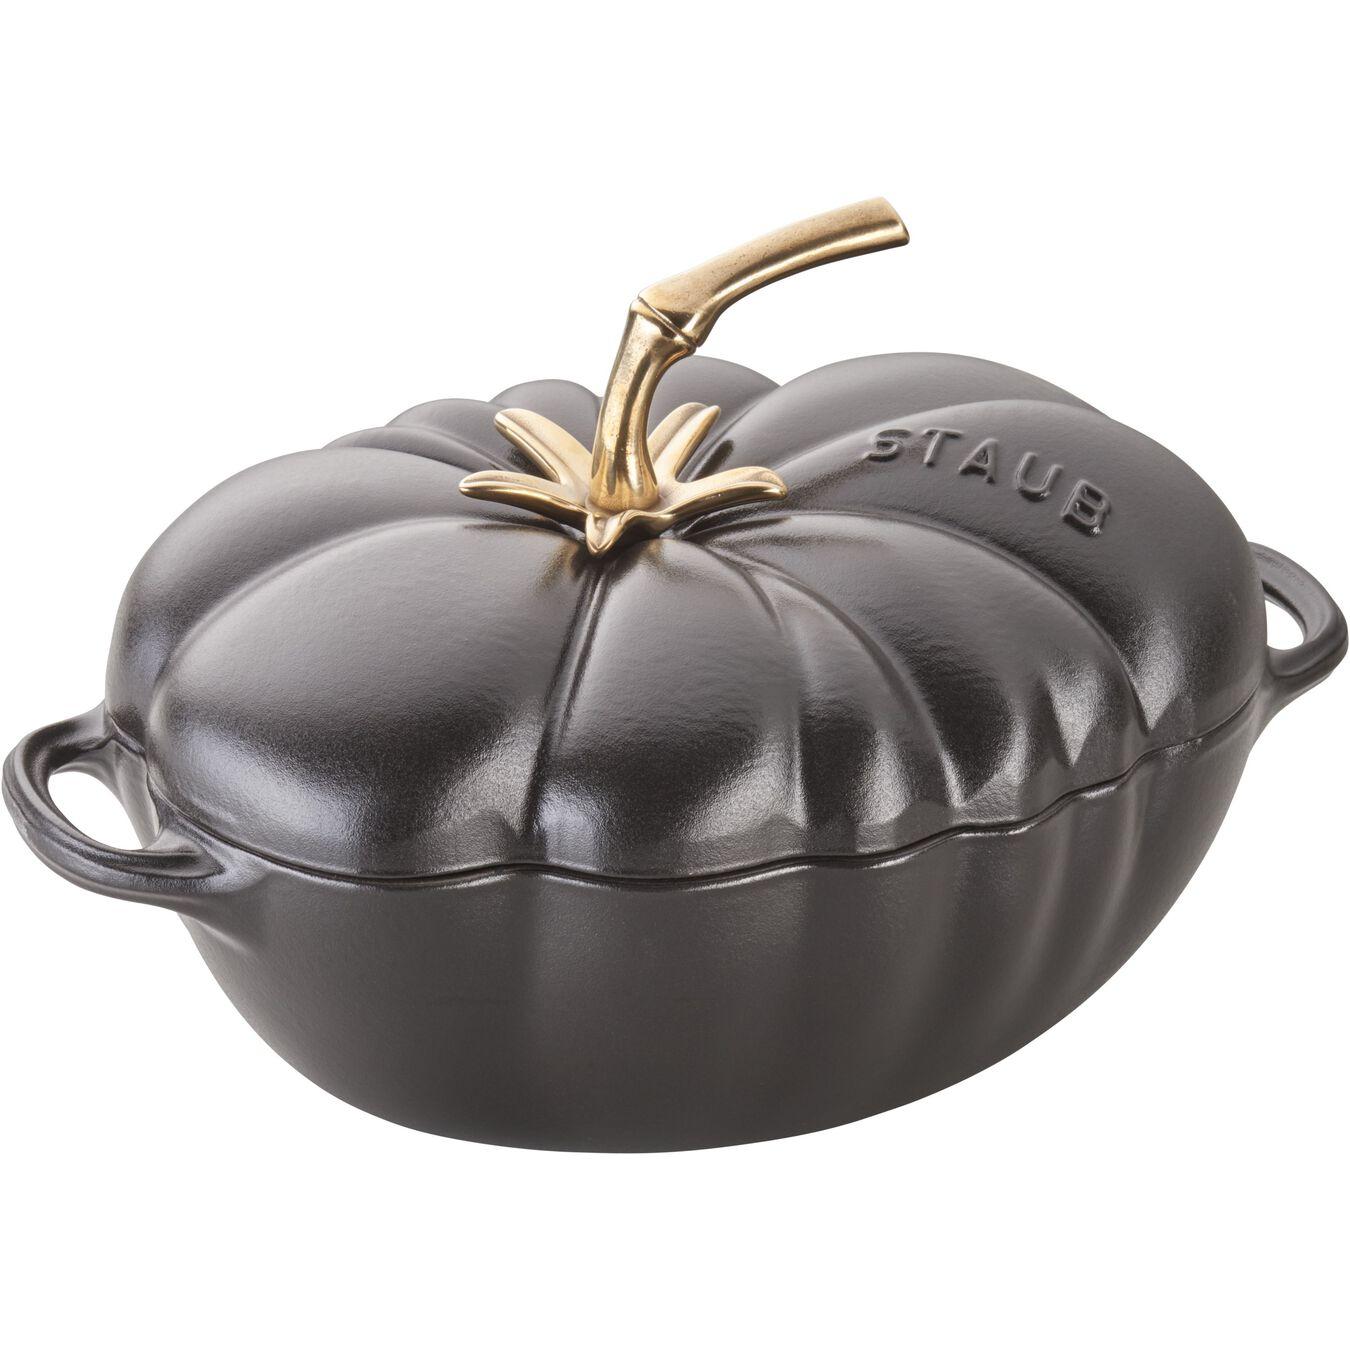 3-qt Tomato Cocotte - Matte Black,,large 9